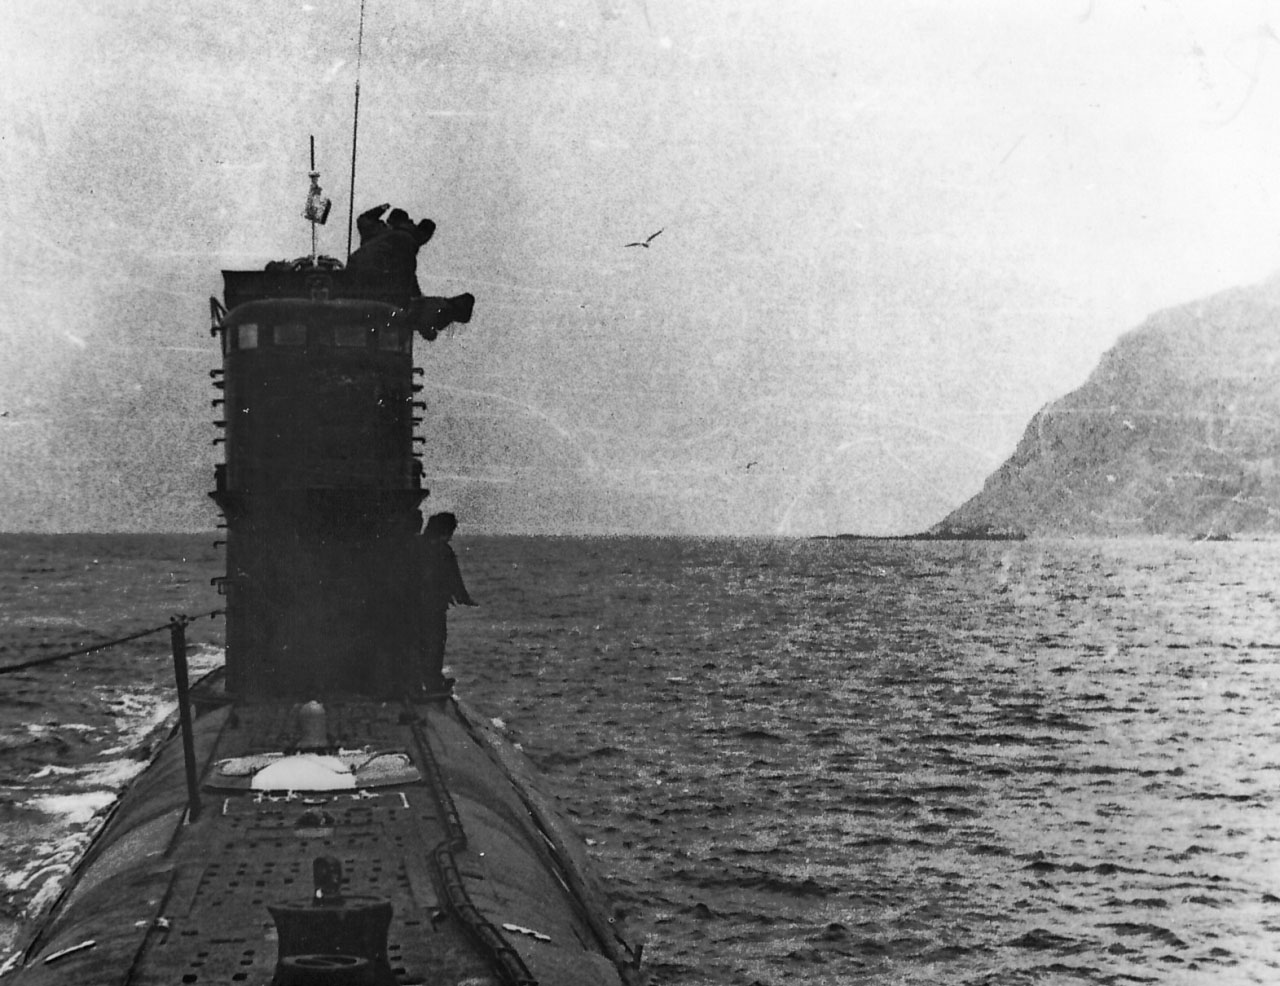 Подводная лодка С-176 снова возле входа в бухту Броутона. Другое время (1983), другой командир. В этот раз рисковать не стали, в кратер не заходили